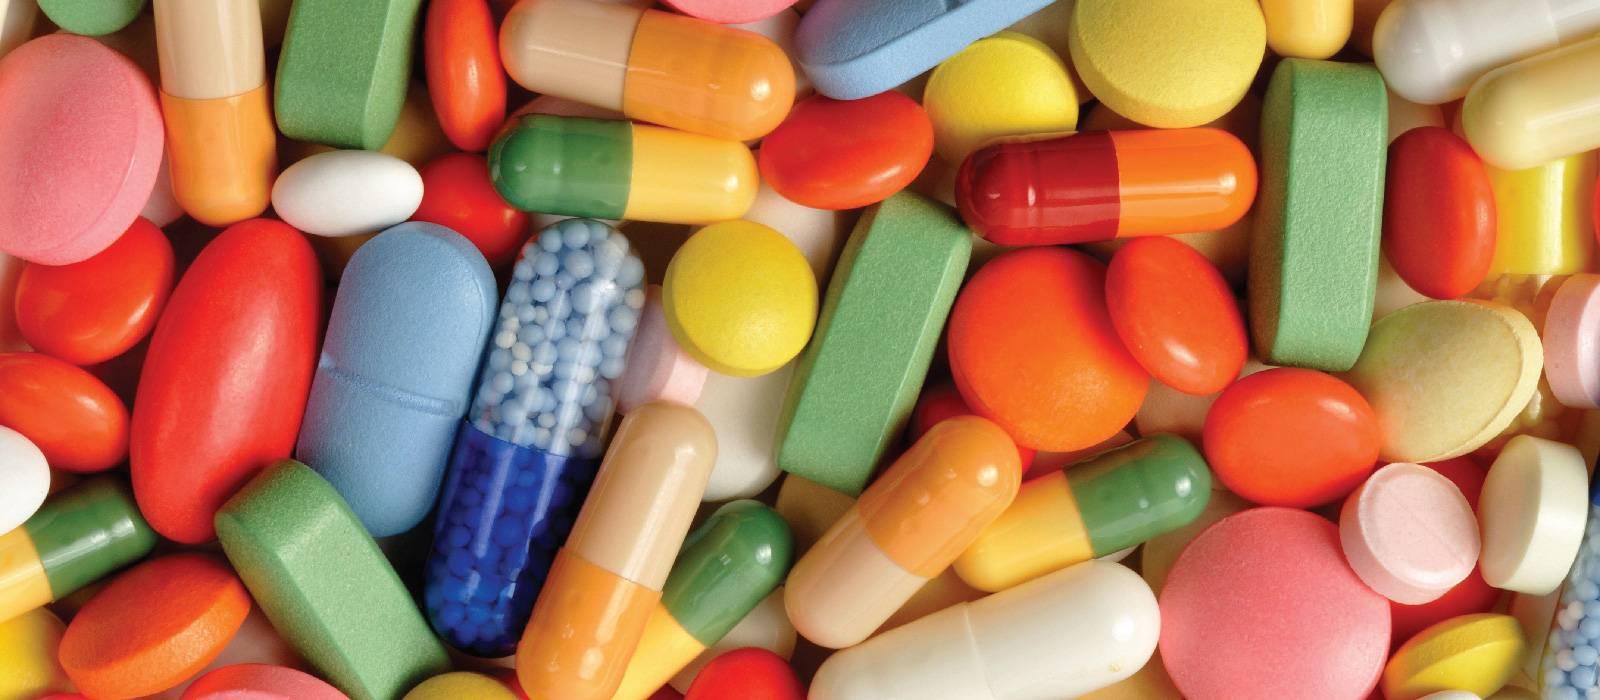 Действительно ли витамины полезны?